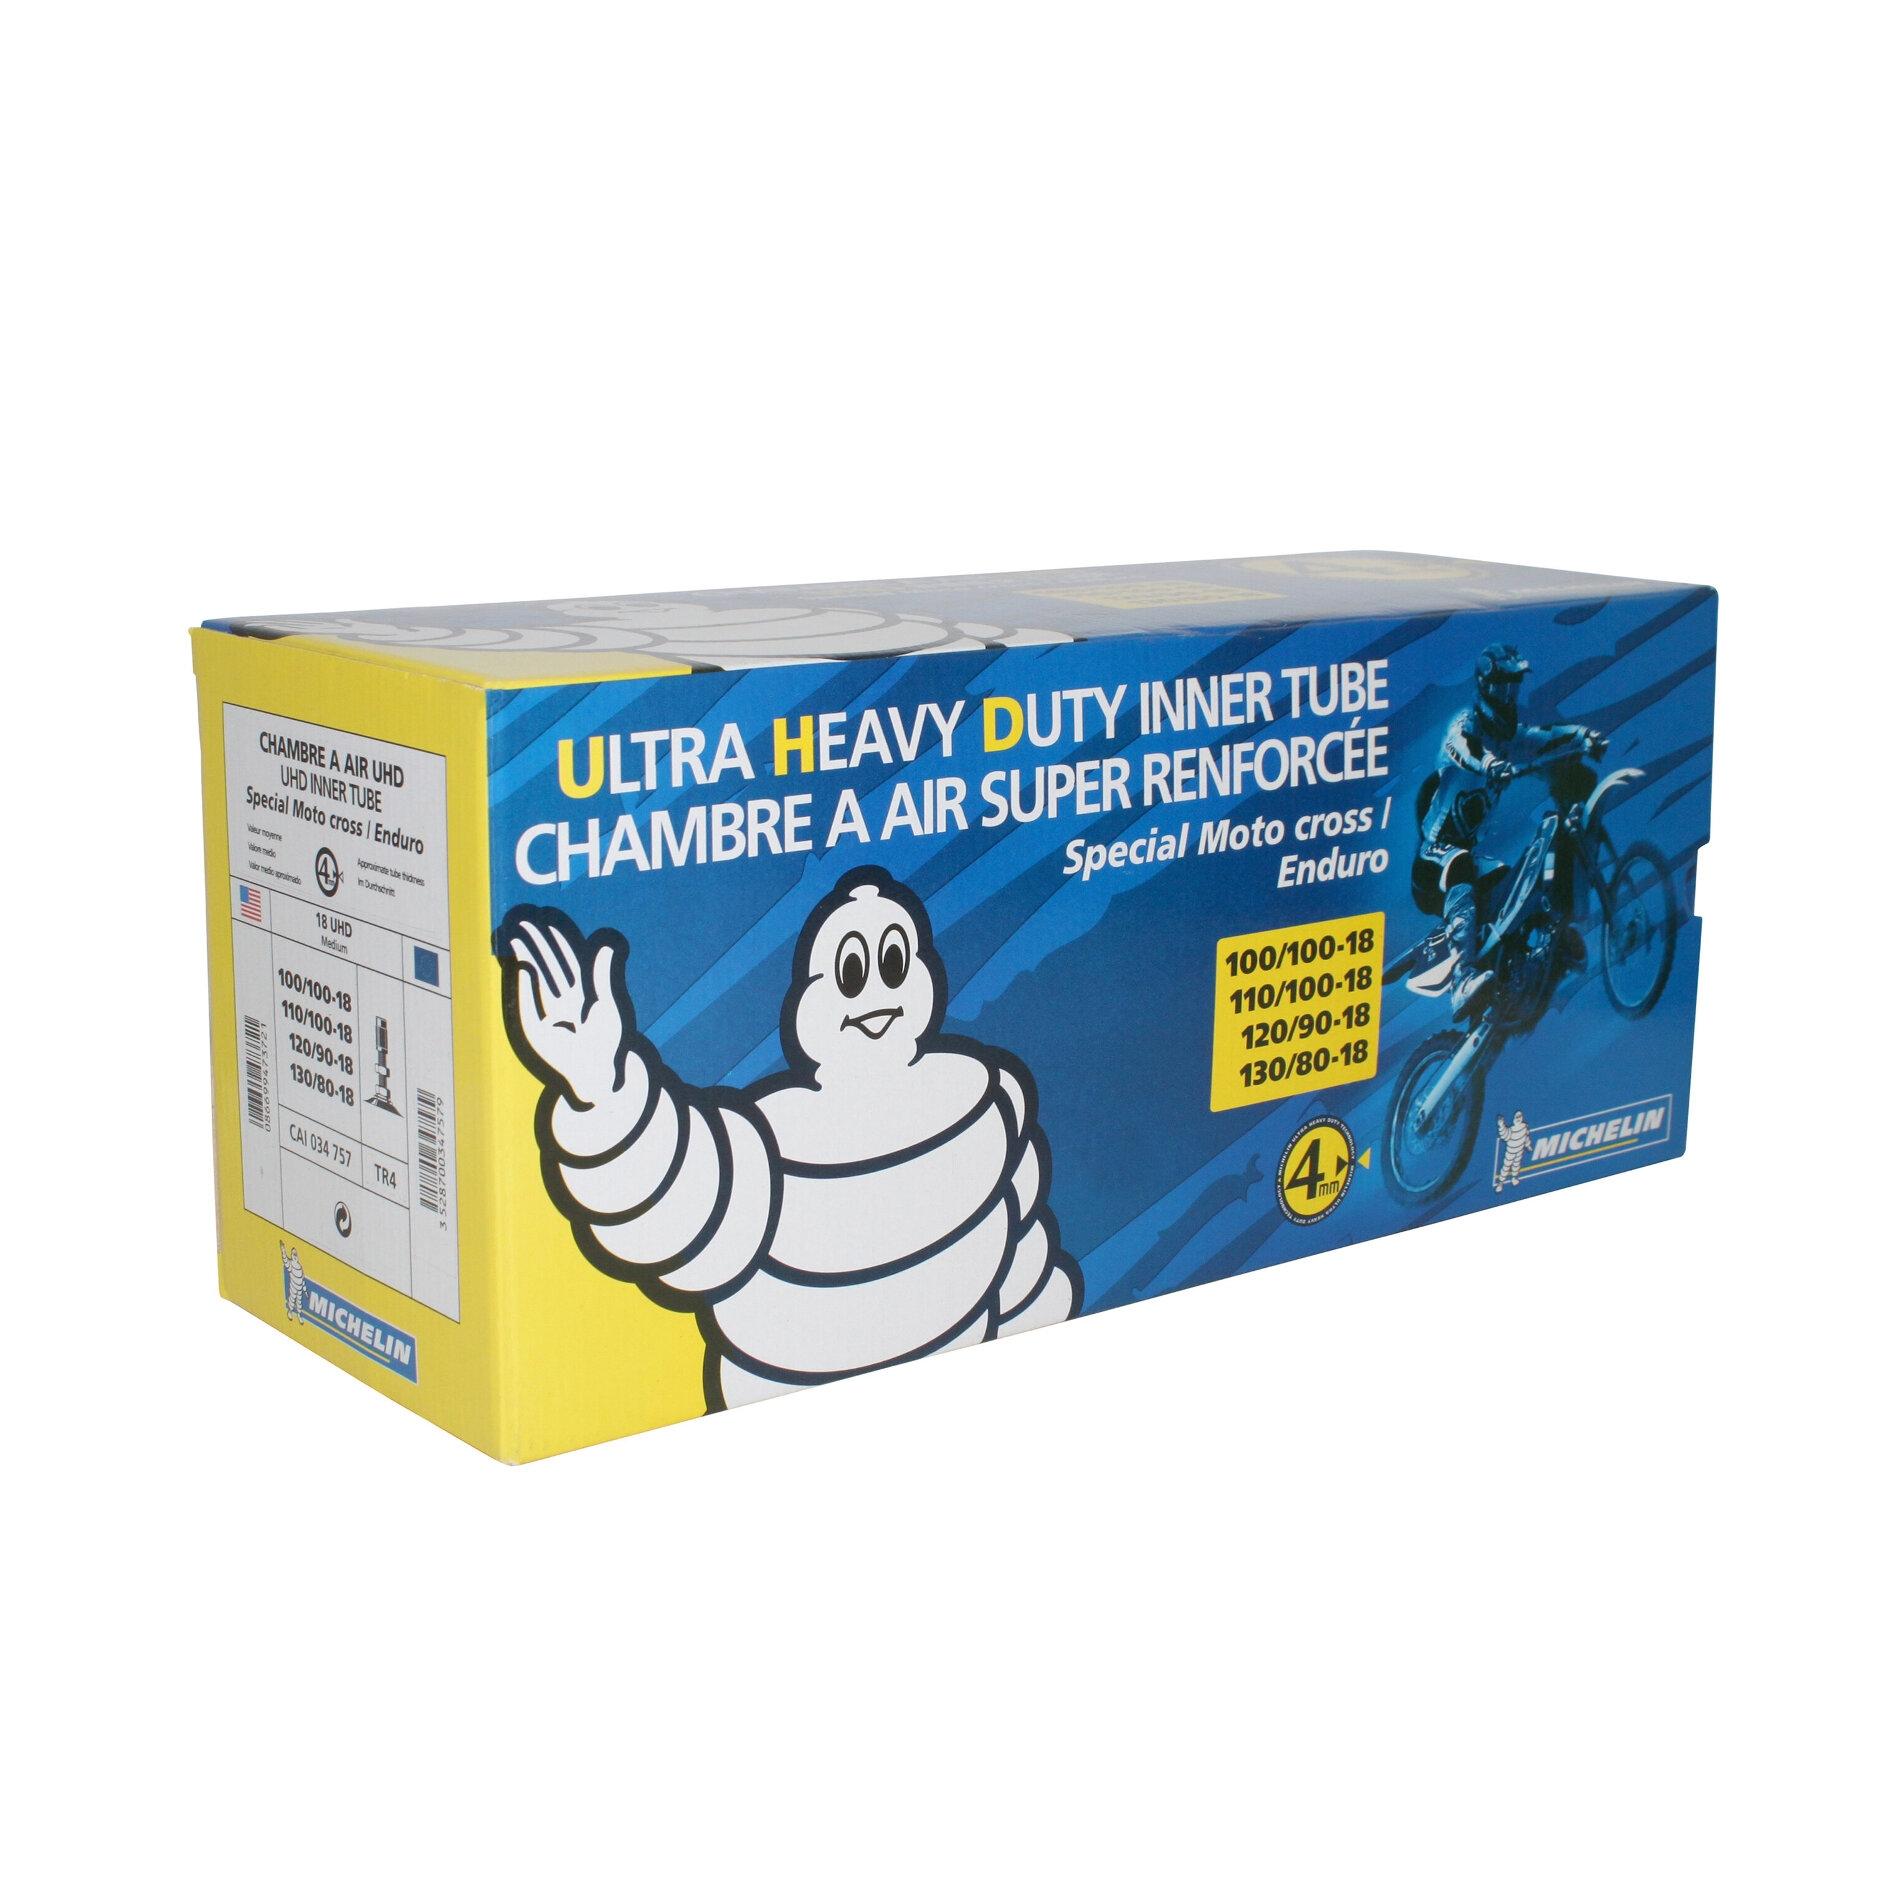 Chambre à air Michelin offroad UHD 120/90-18 valve droite